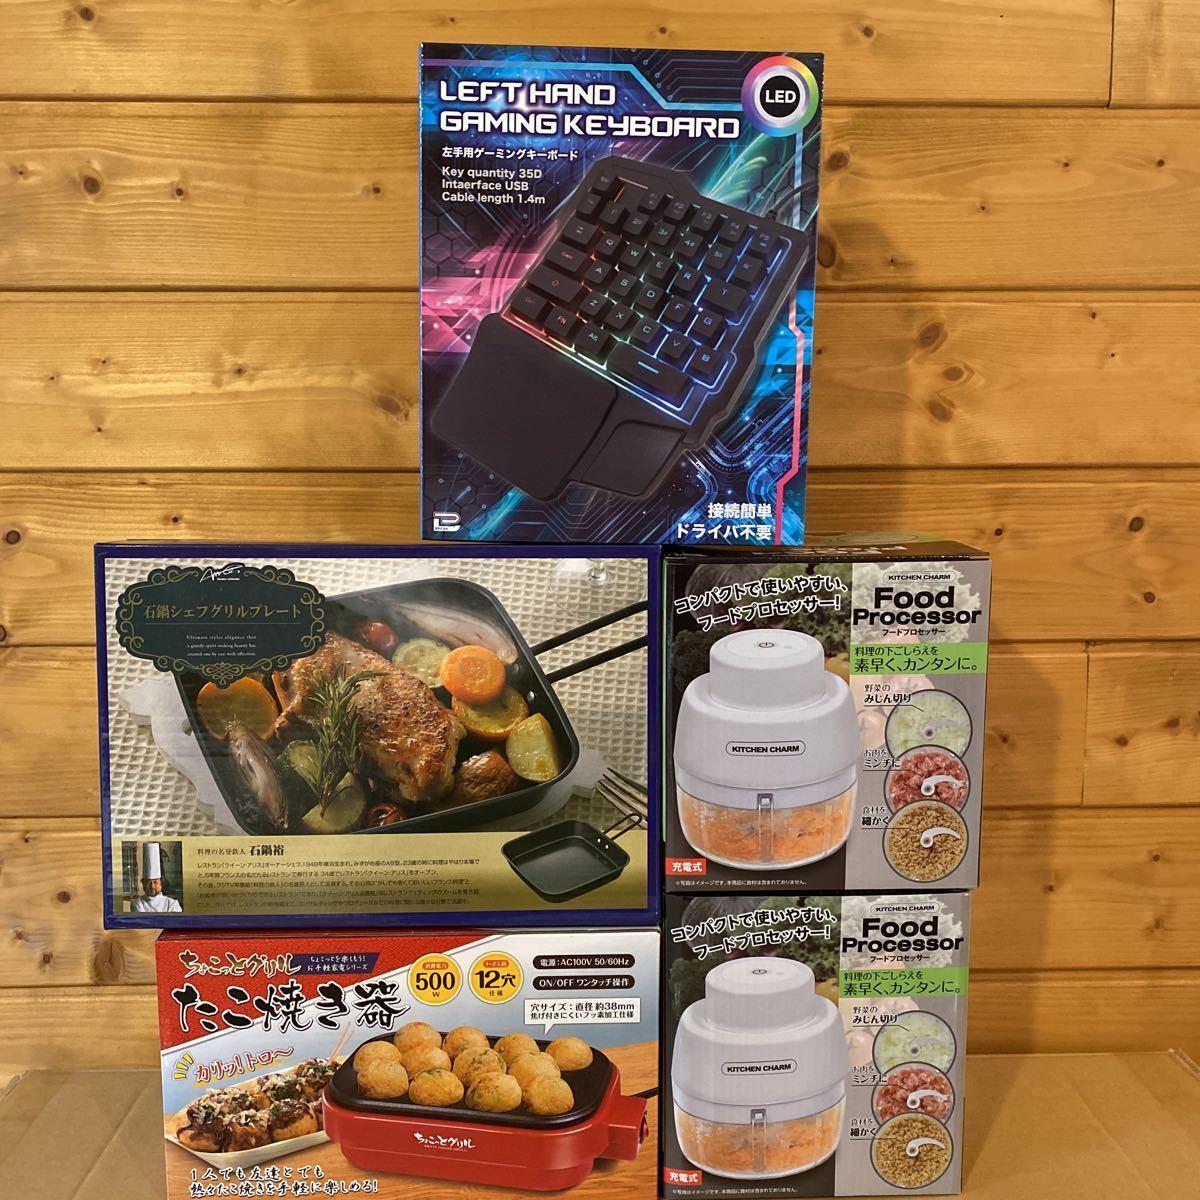 送料無料 未使用品 新生活応援5点セット フードプロセッサー たこ焼き器 12穴 ホットプレート グリルプレート 左手用ゲーミングキーボード